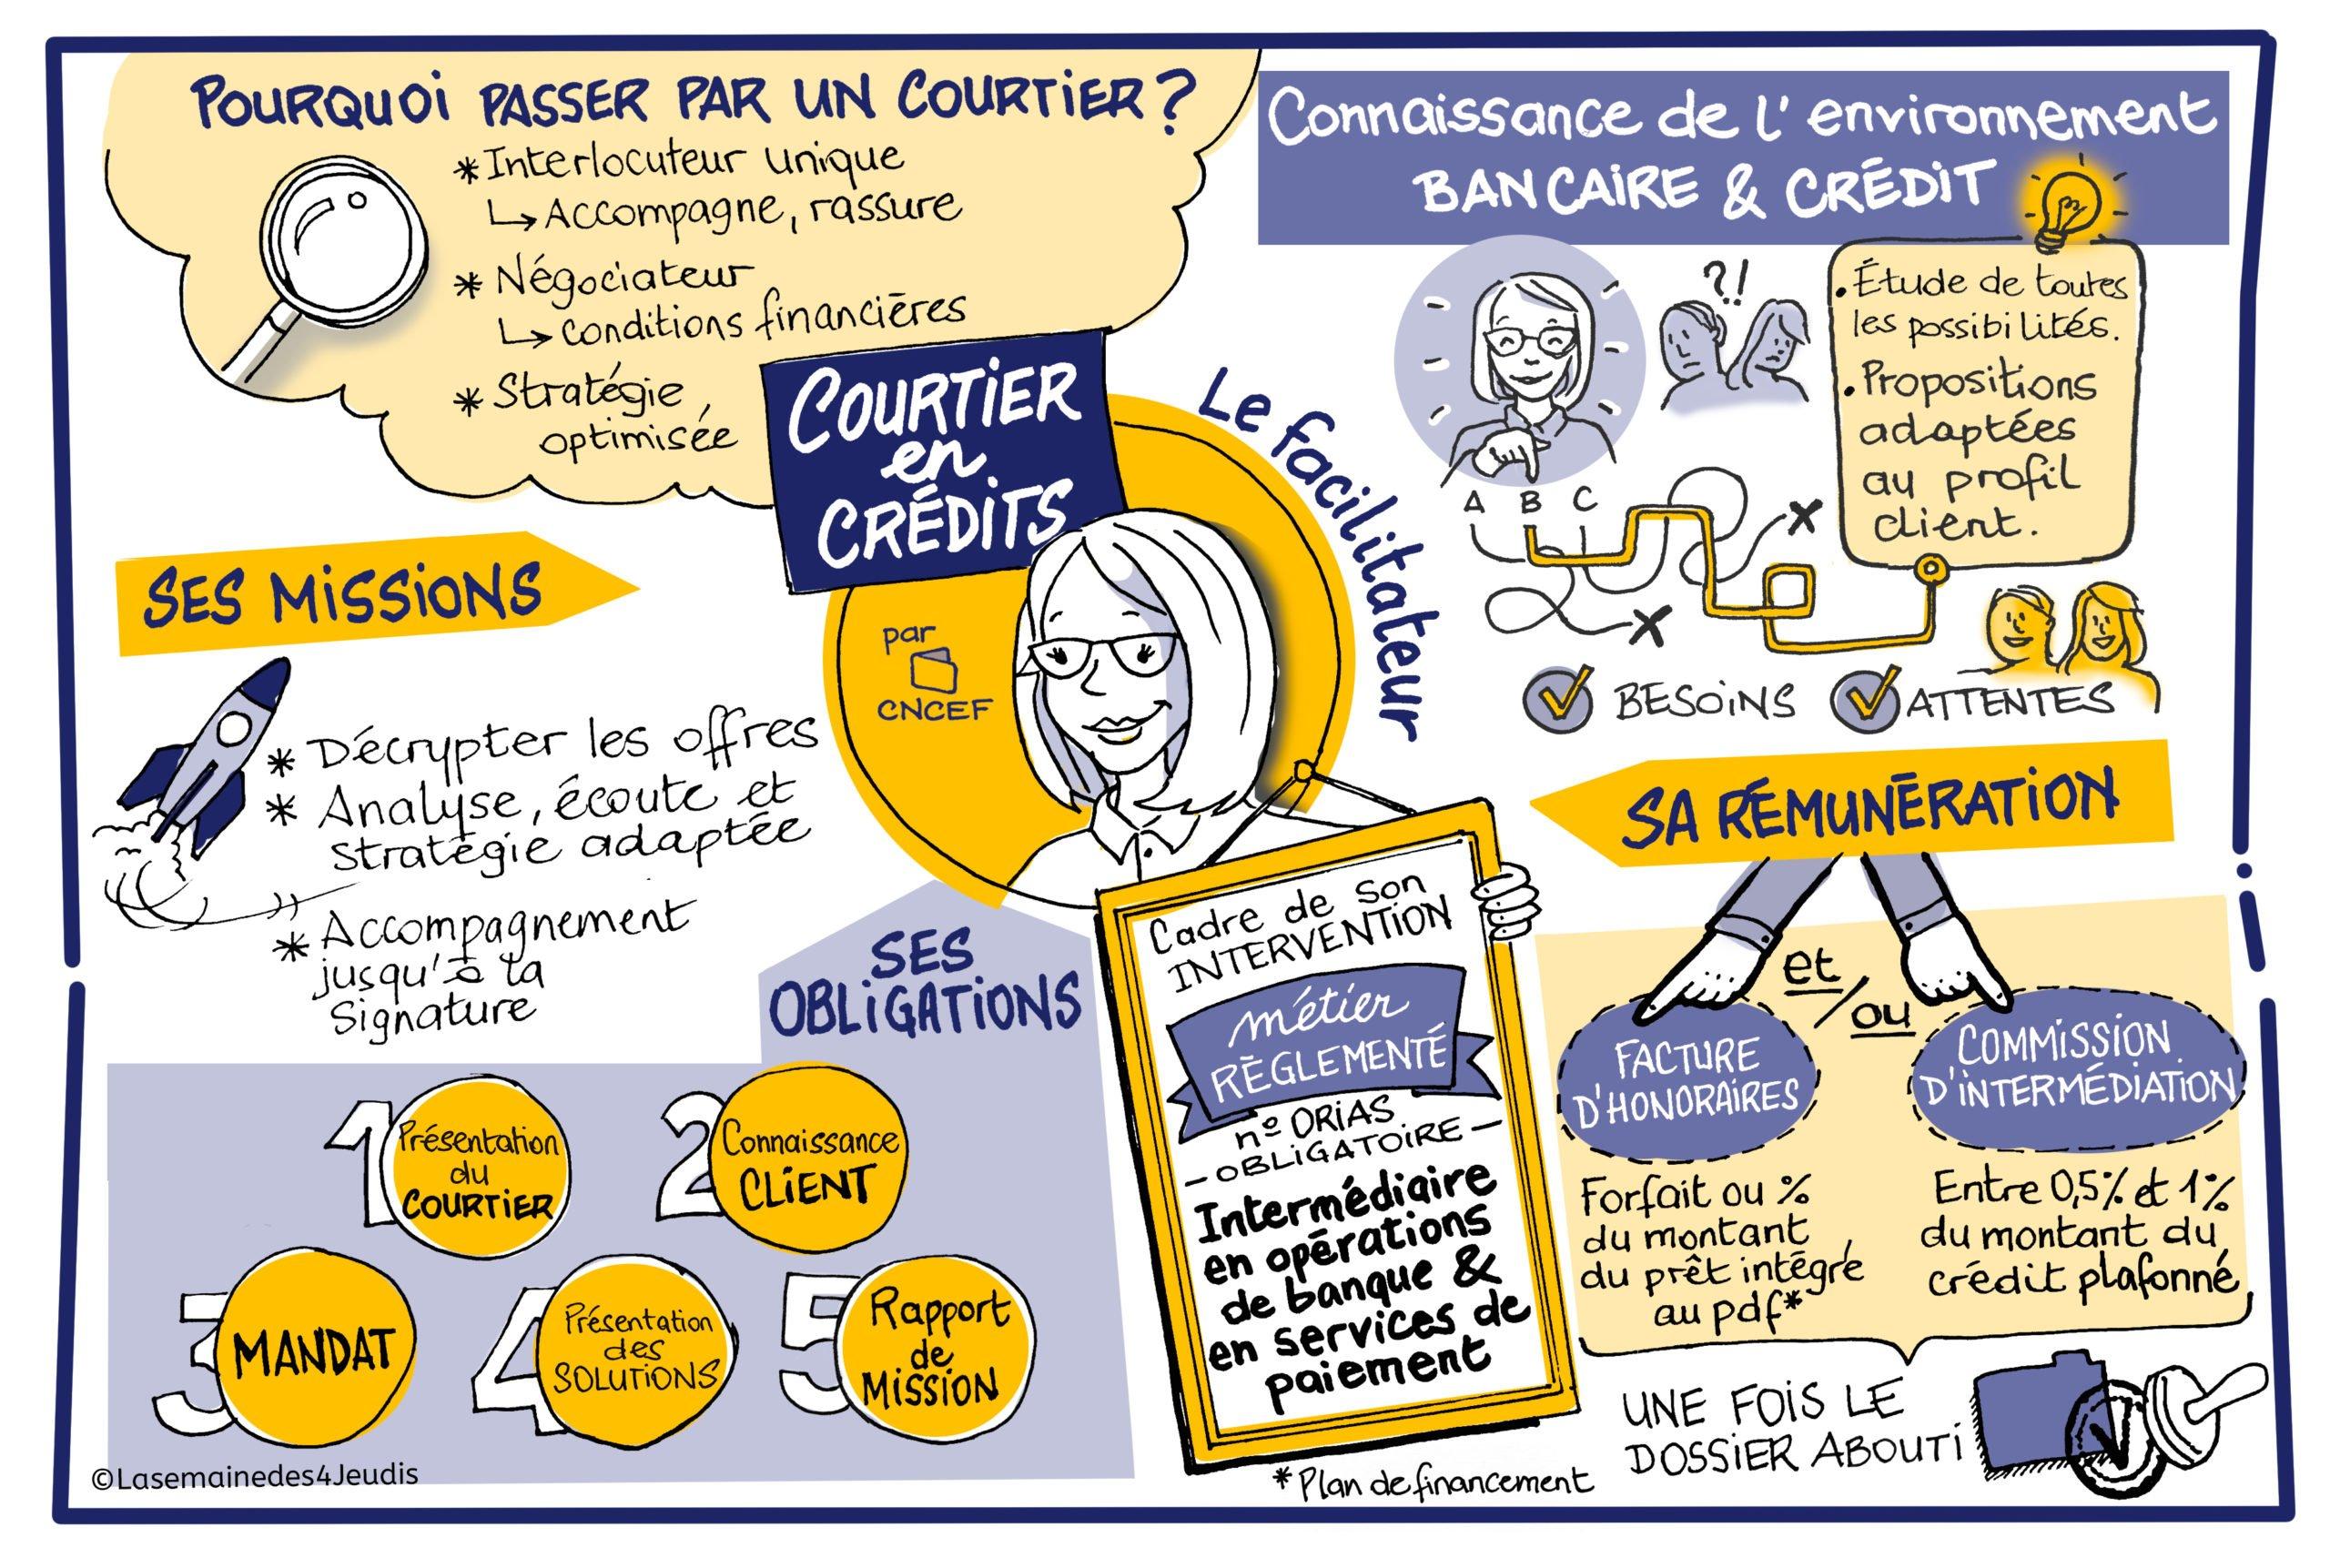 Courtier en crédit - CNCEF Crédit - Design Thinking Explication - Optimiser vos métiers